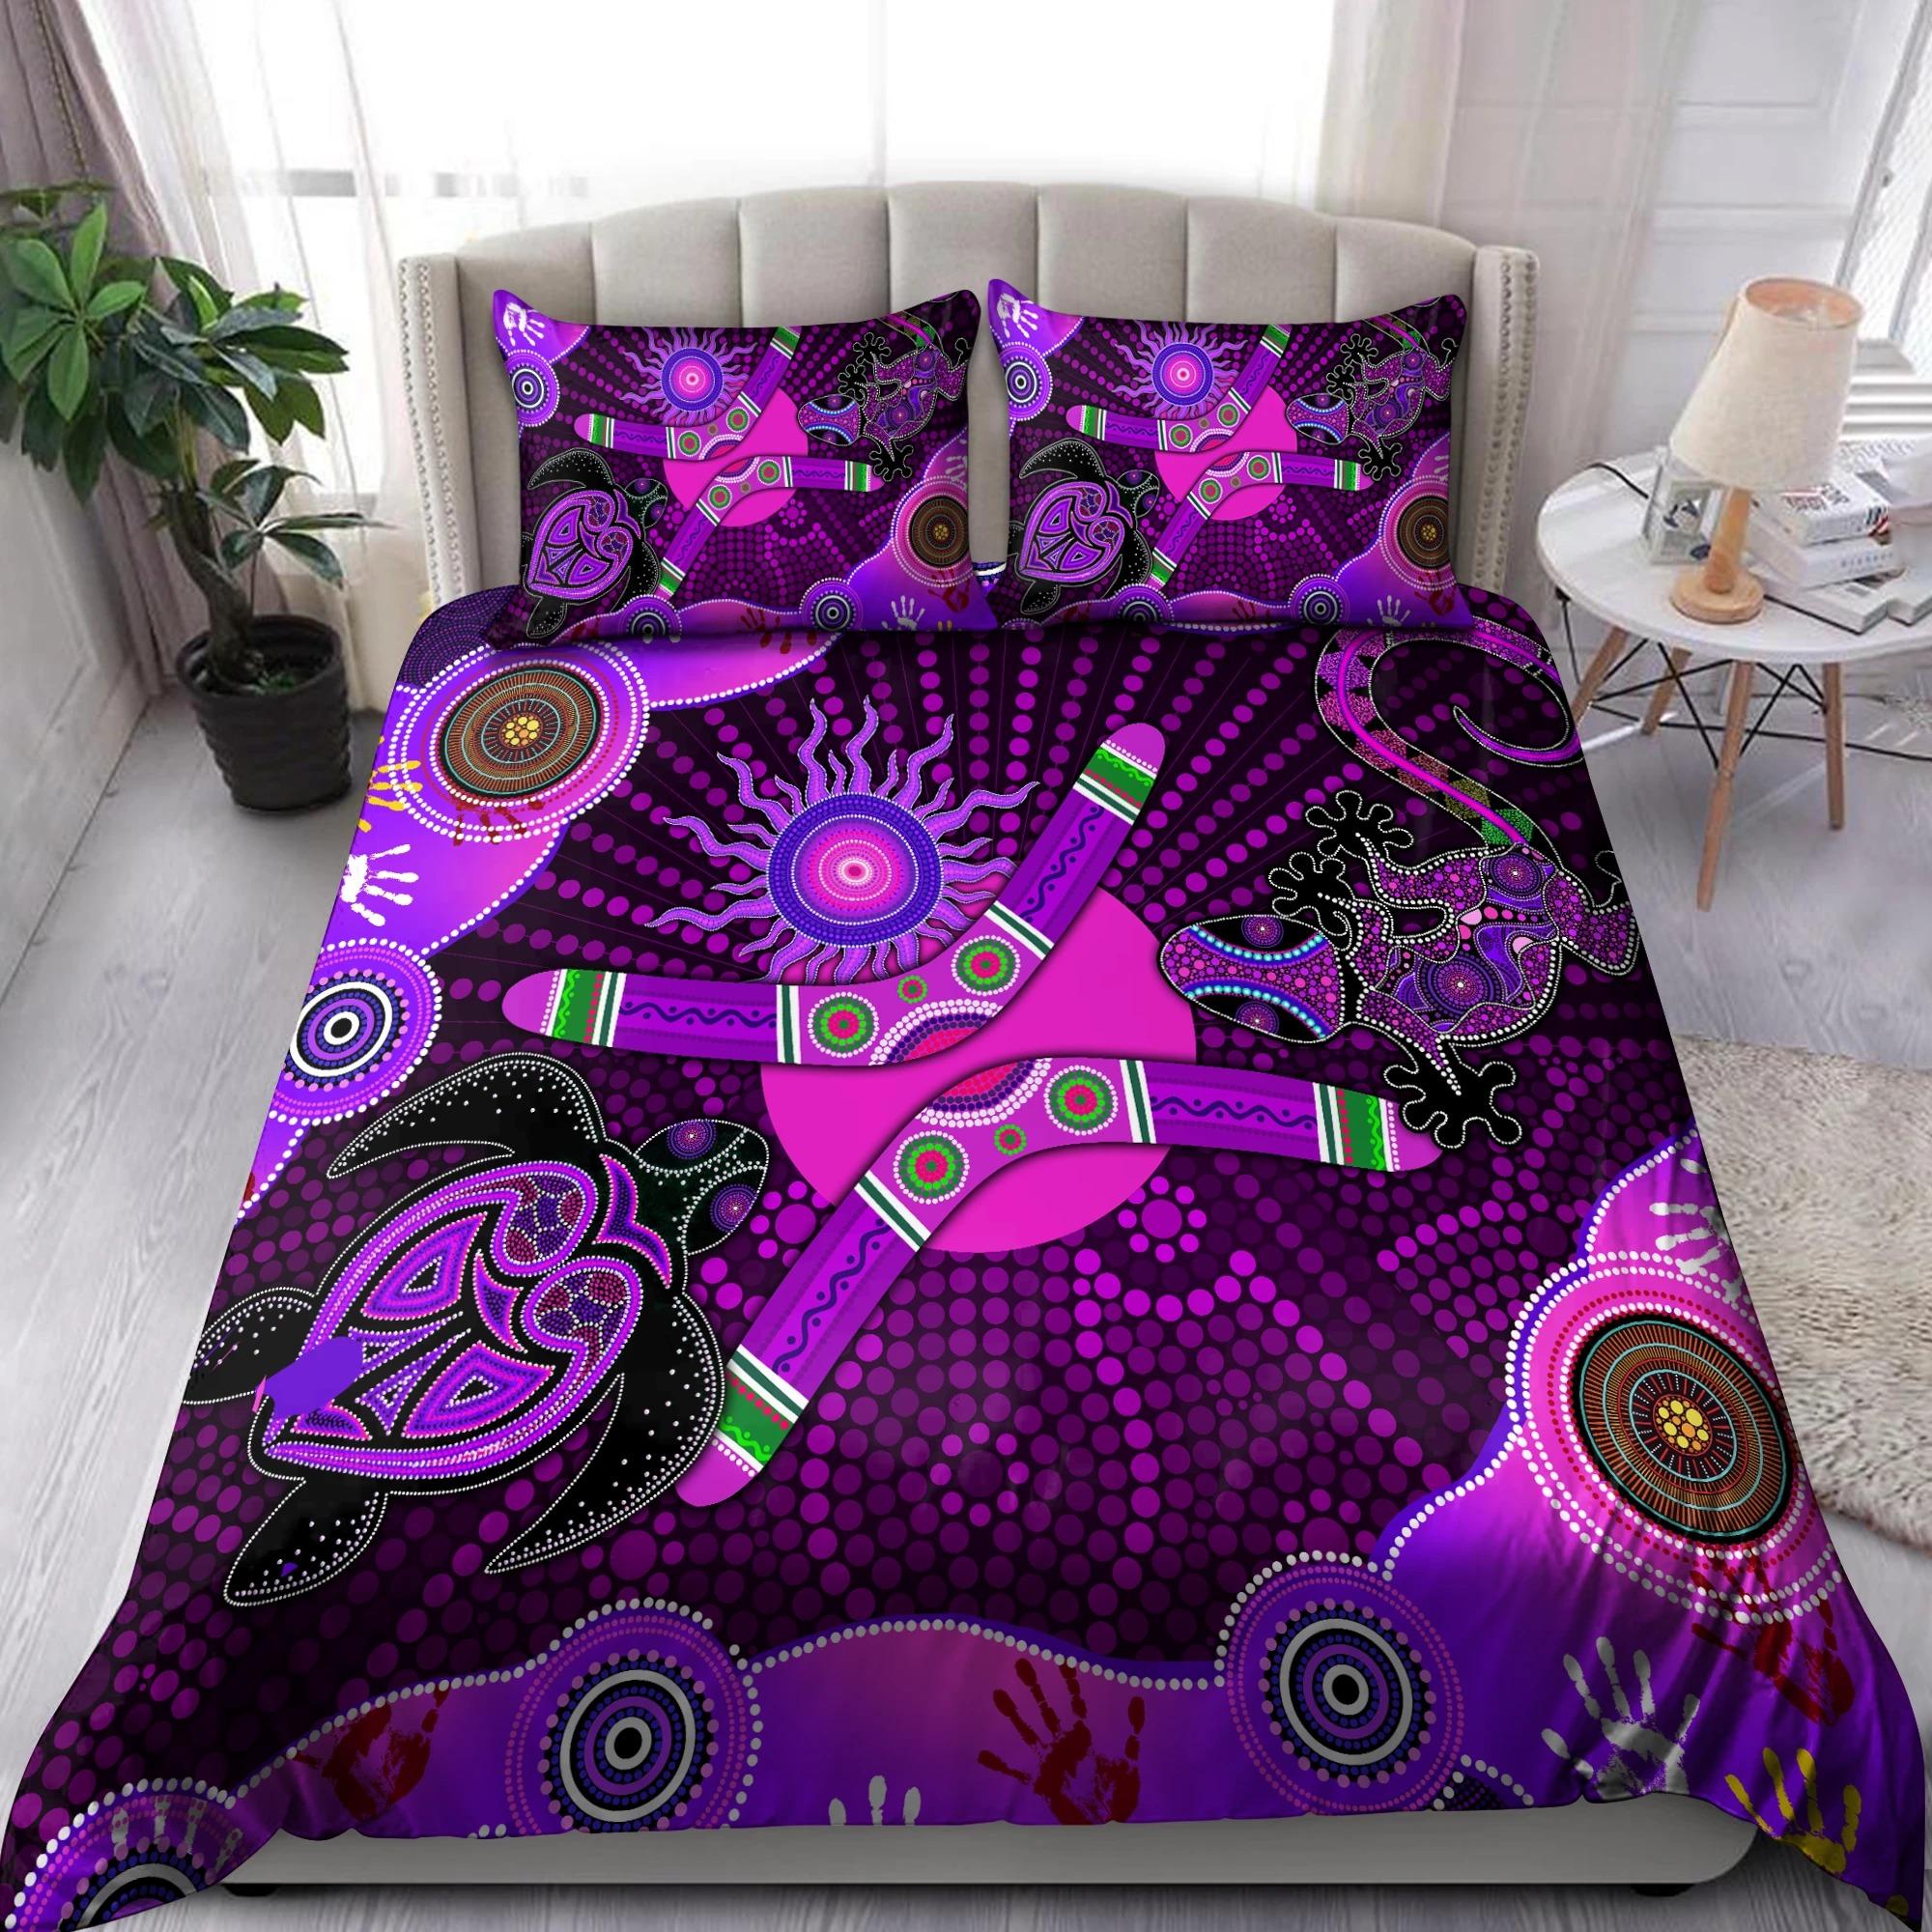 Aboriginal Naidoc Week 2021 Best Purple Turtle Lizard Bedding set